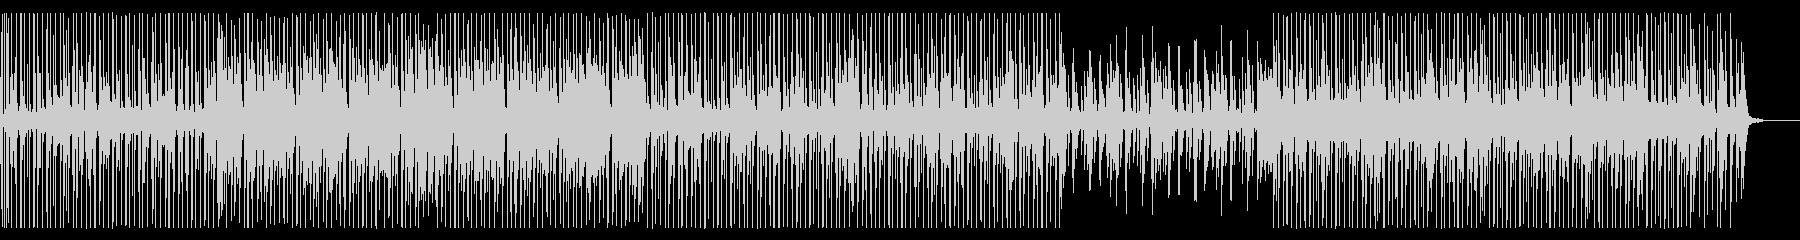 淡々としたエレクトロニックな曲の未再生の波形